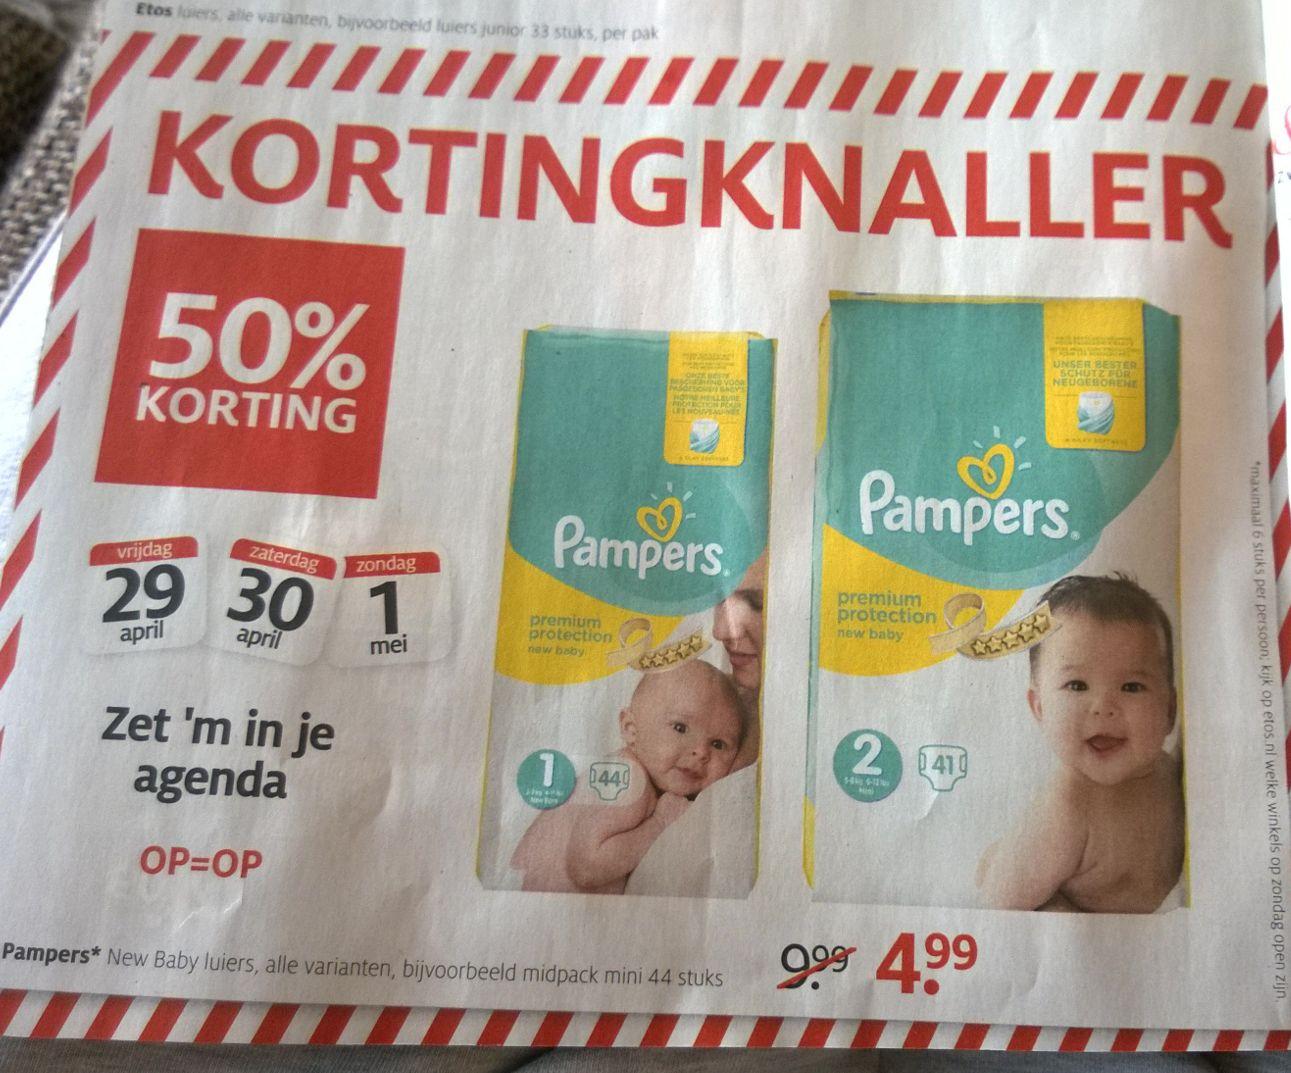 kortingknaller 50% korting op pampers new baby luiers